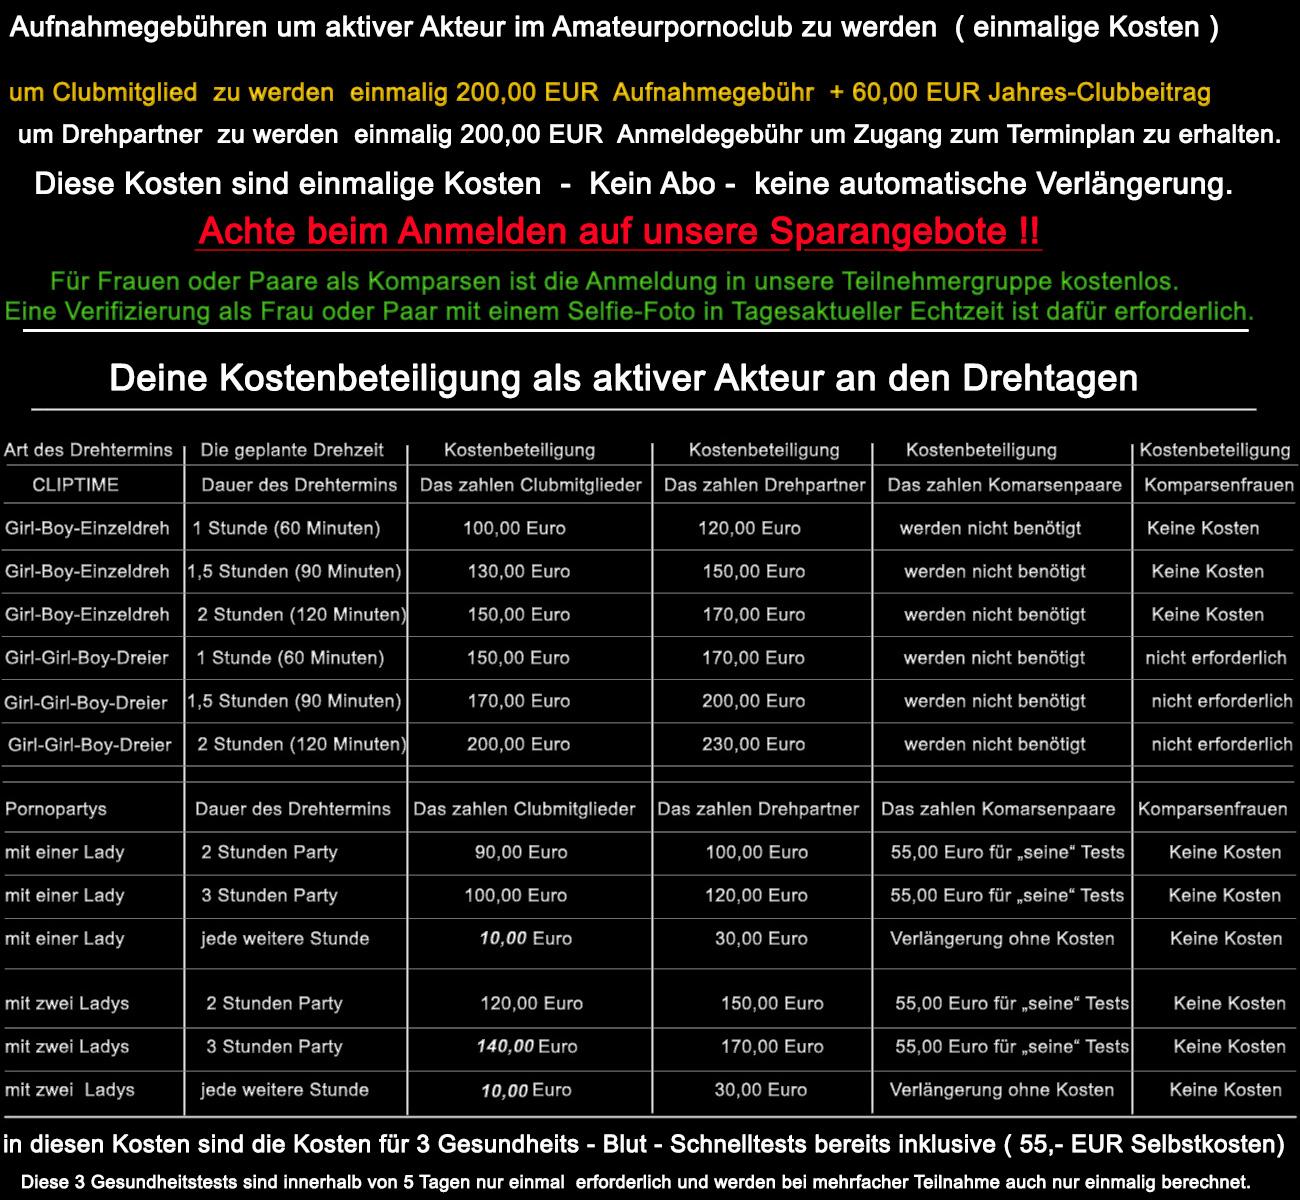 https://amateurporno-club.net/ac/bilder/button/kosteninfo-black_mai-21.jpg